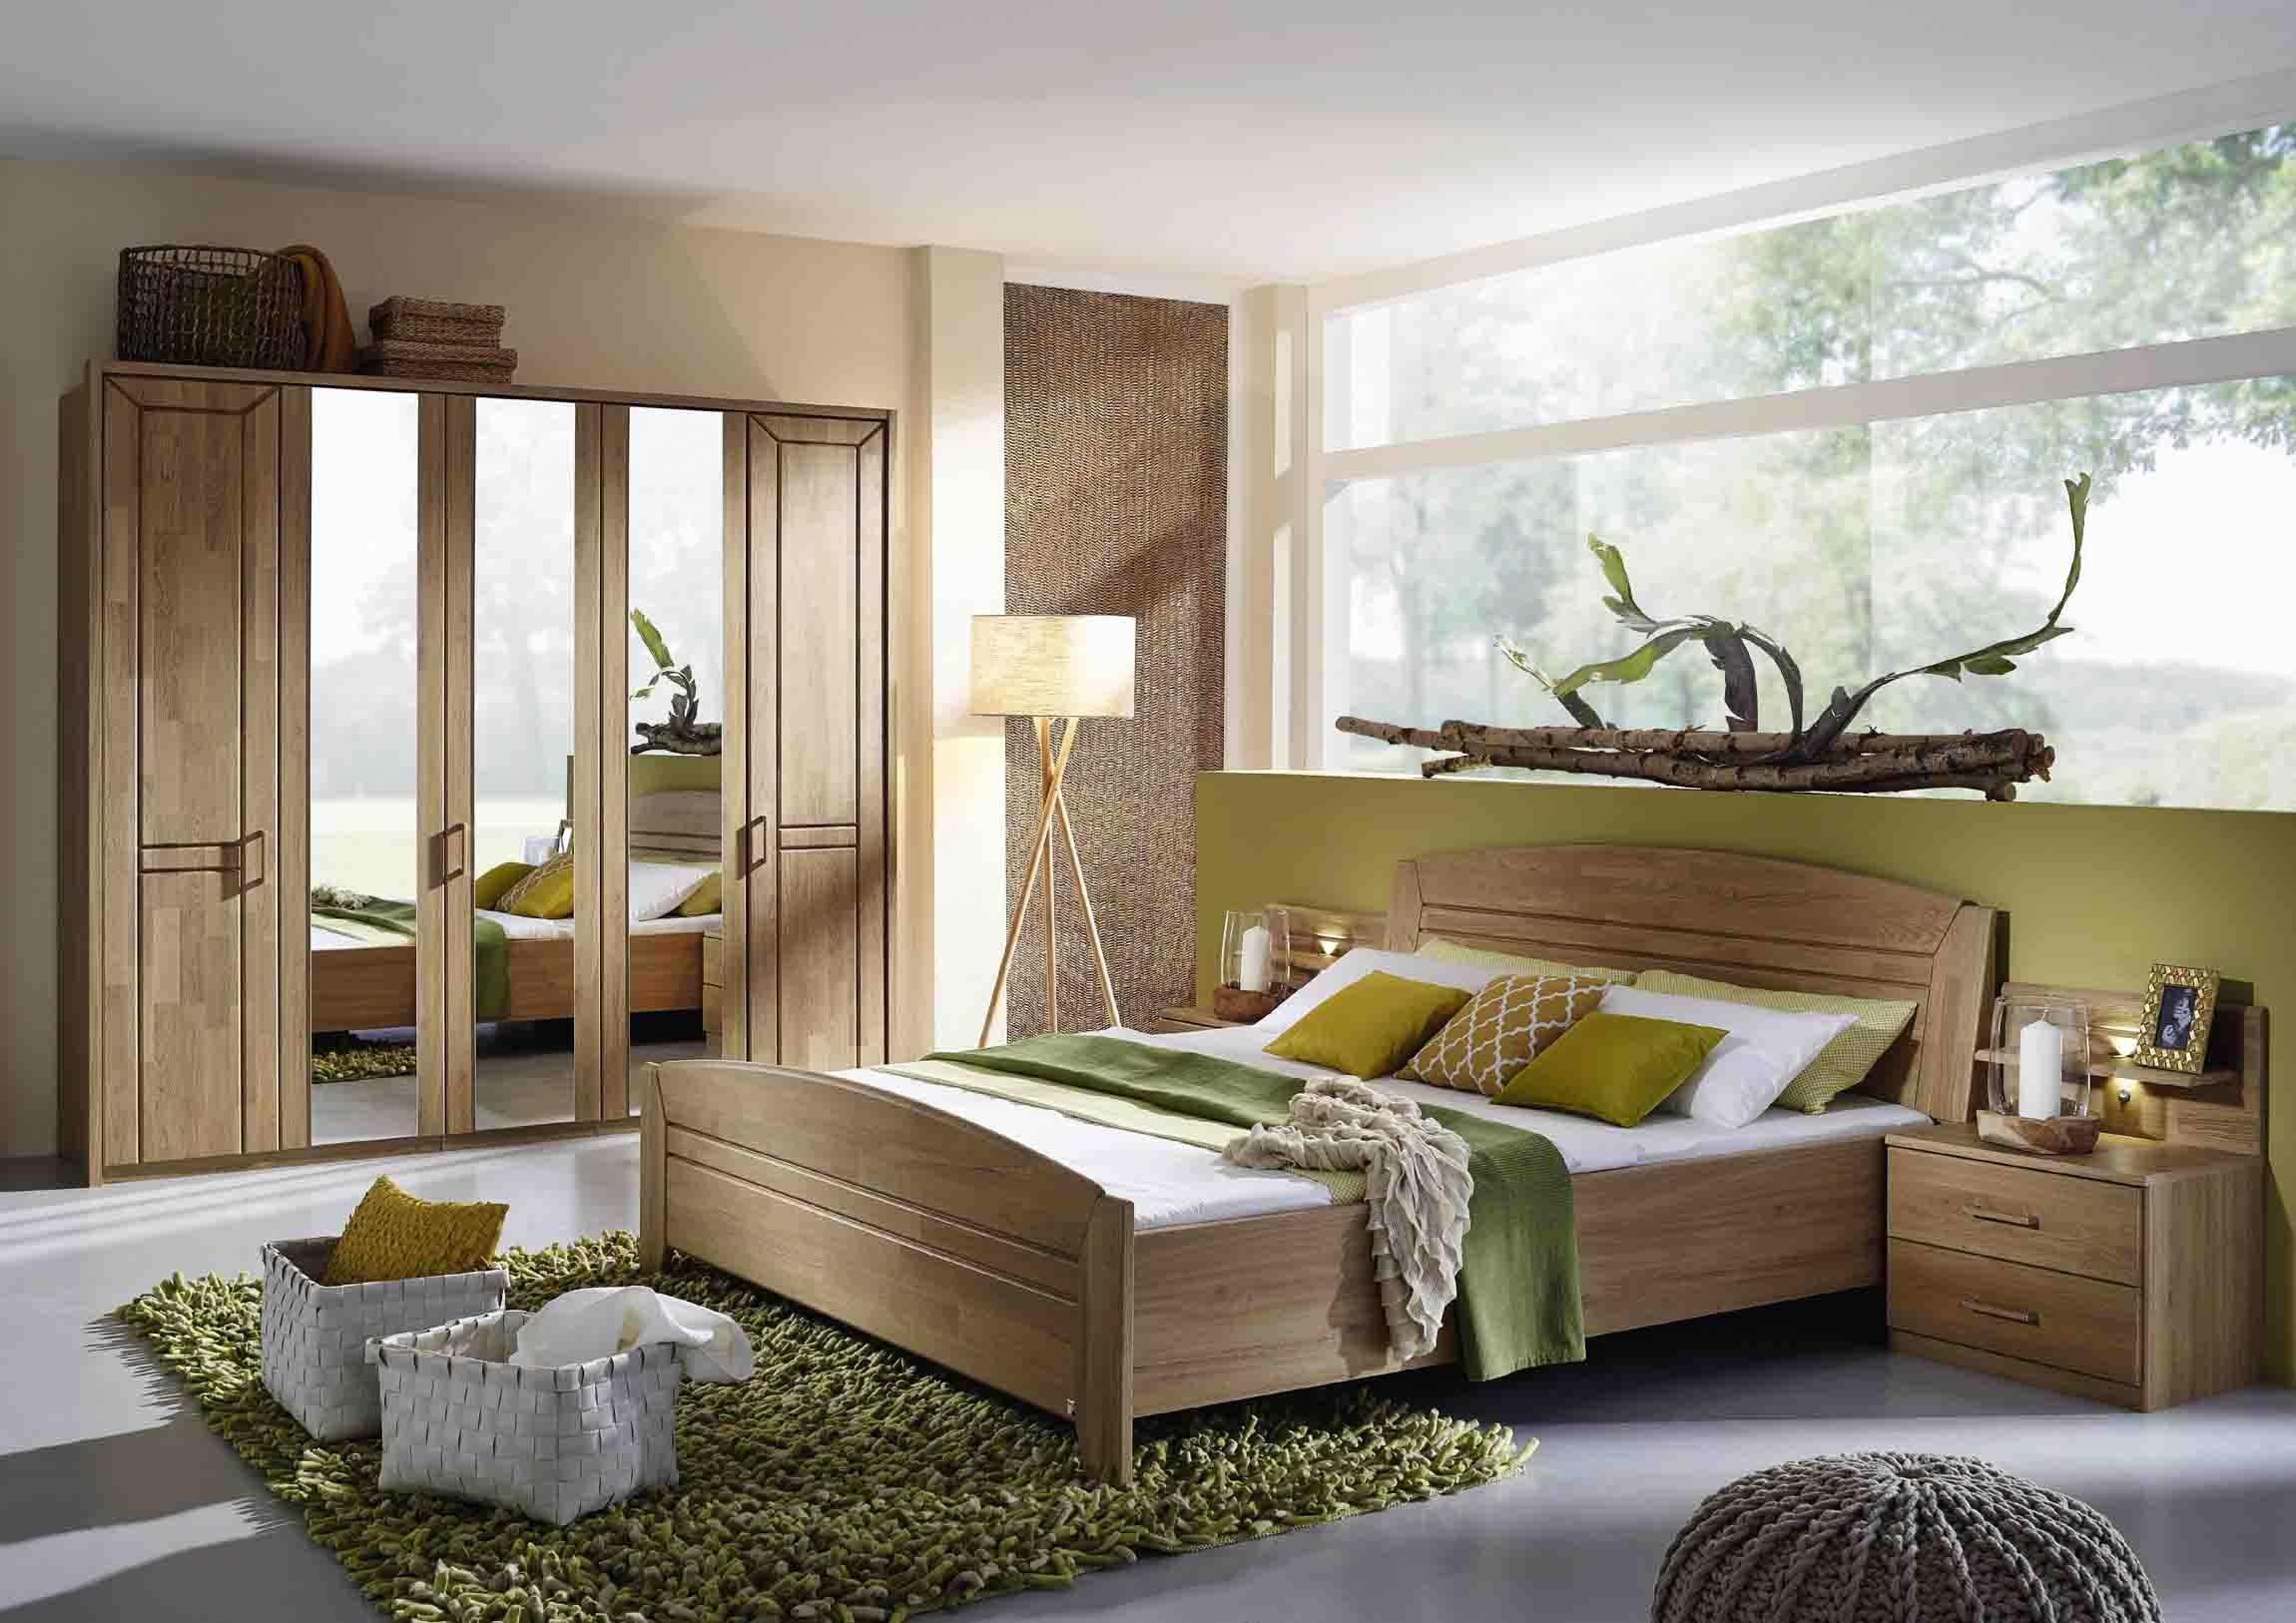 schlafzimmer silvana wildeiche natur teilmassvi steffen massiva m. Black Bedroom Furniture Sets. Home Design Ideas